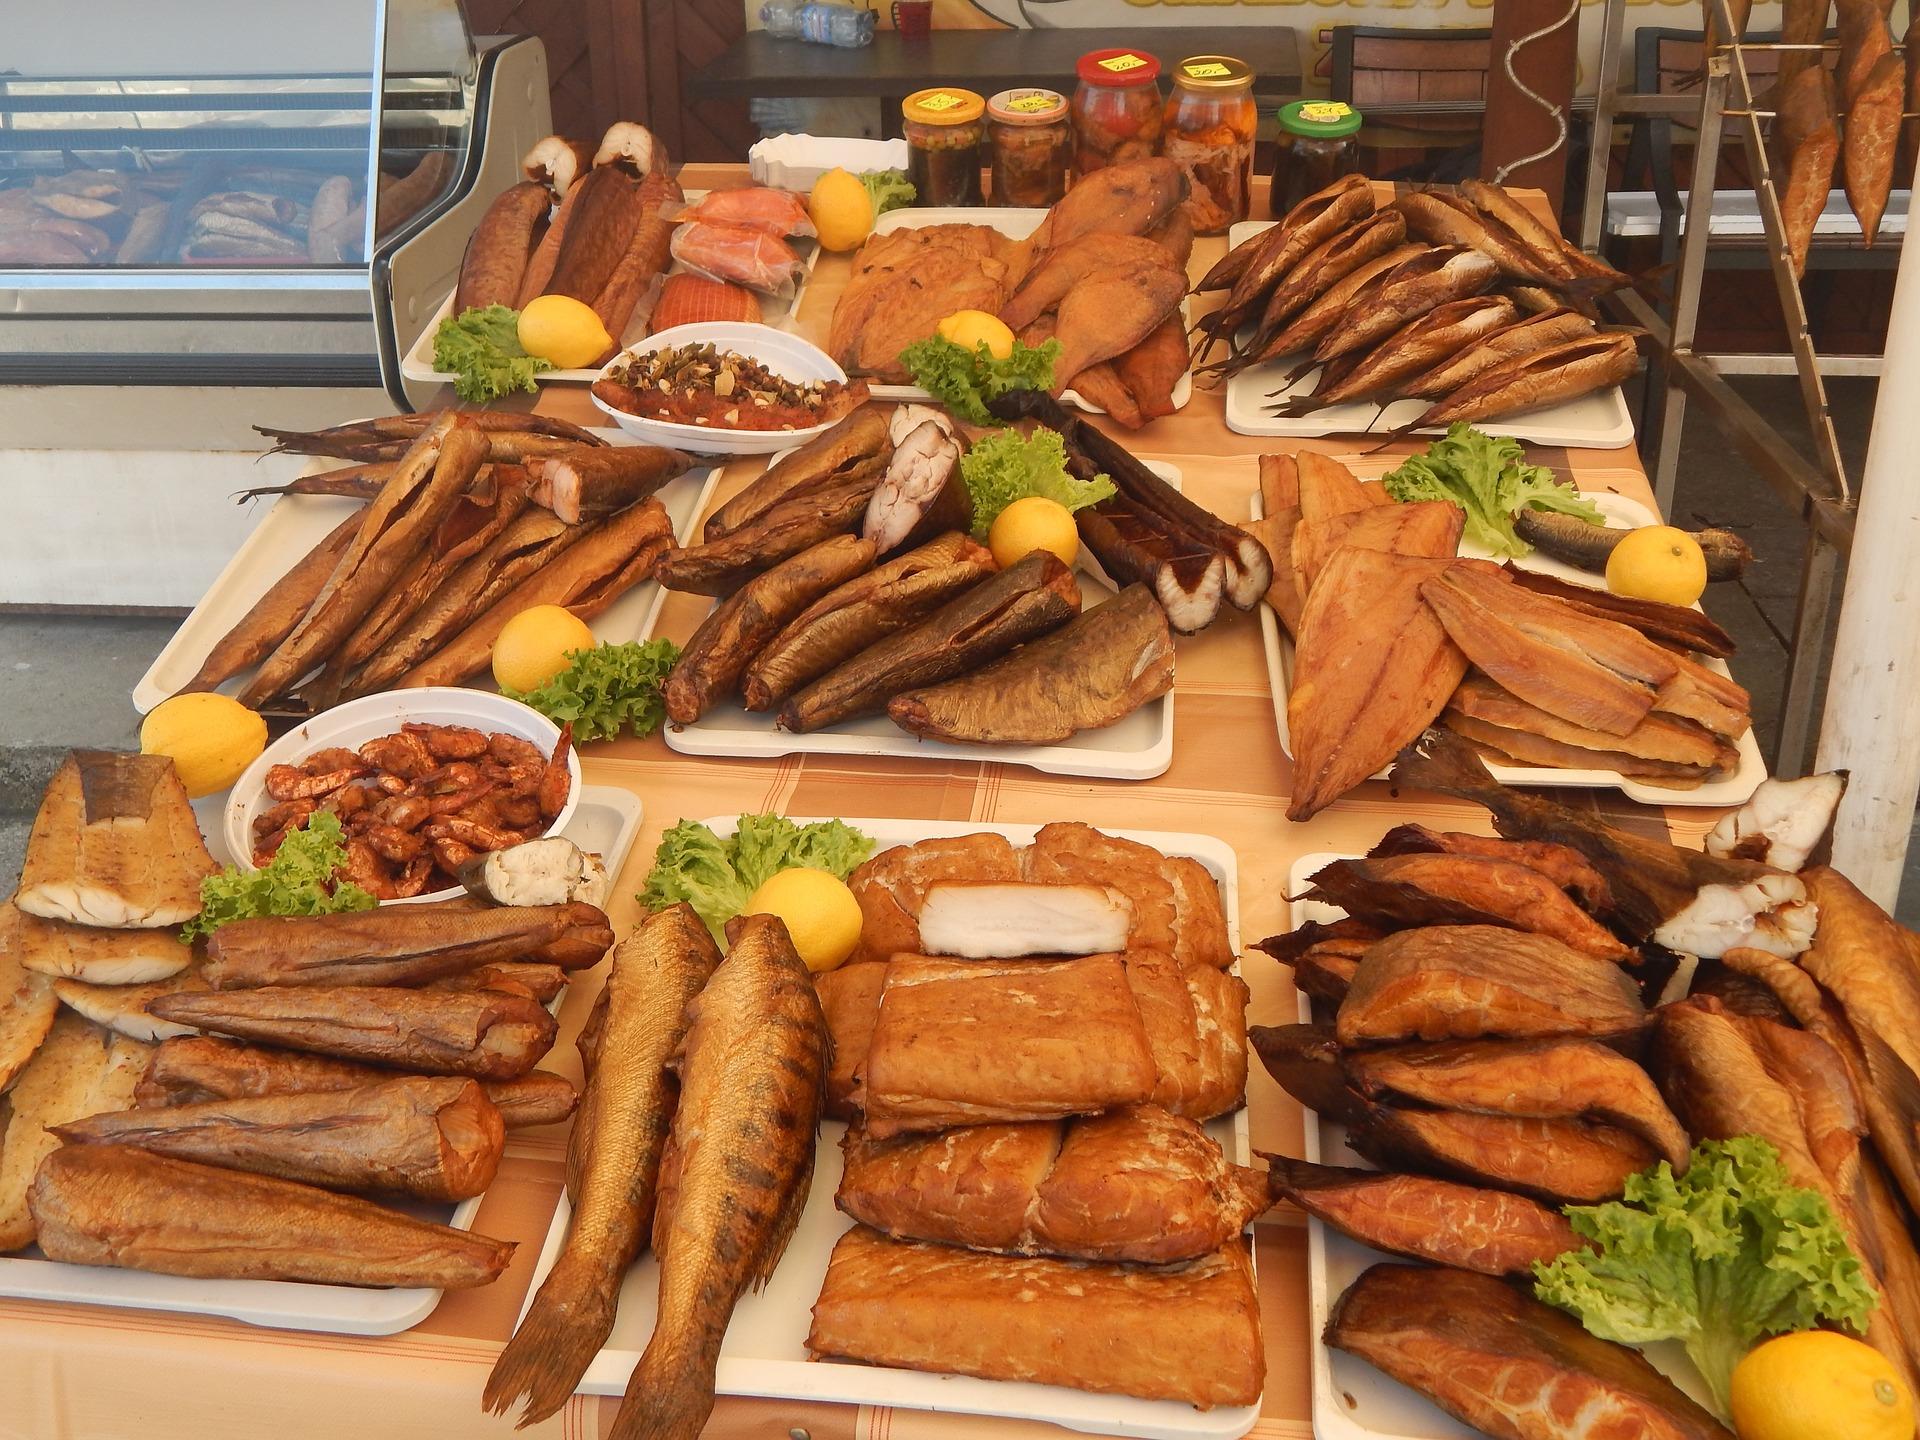 Ryby wędzone, makrela, łosoś, pstrąg i inne